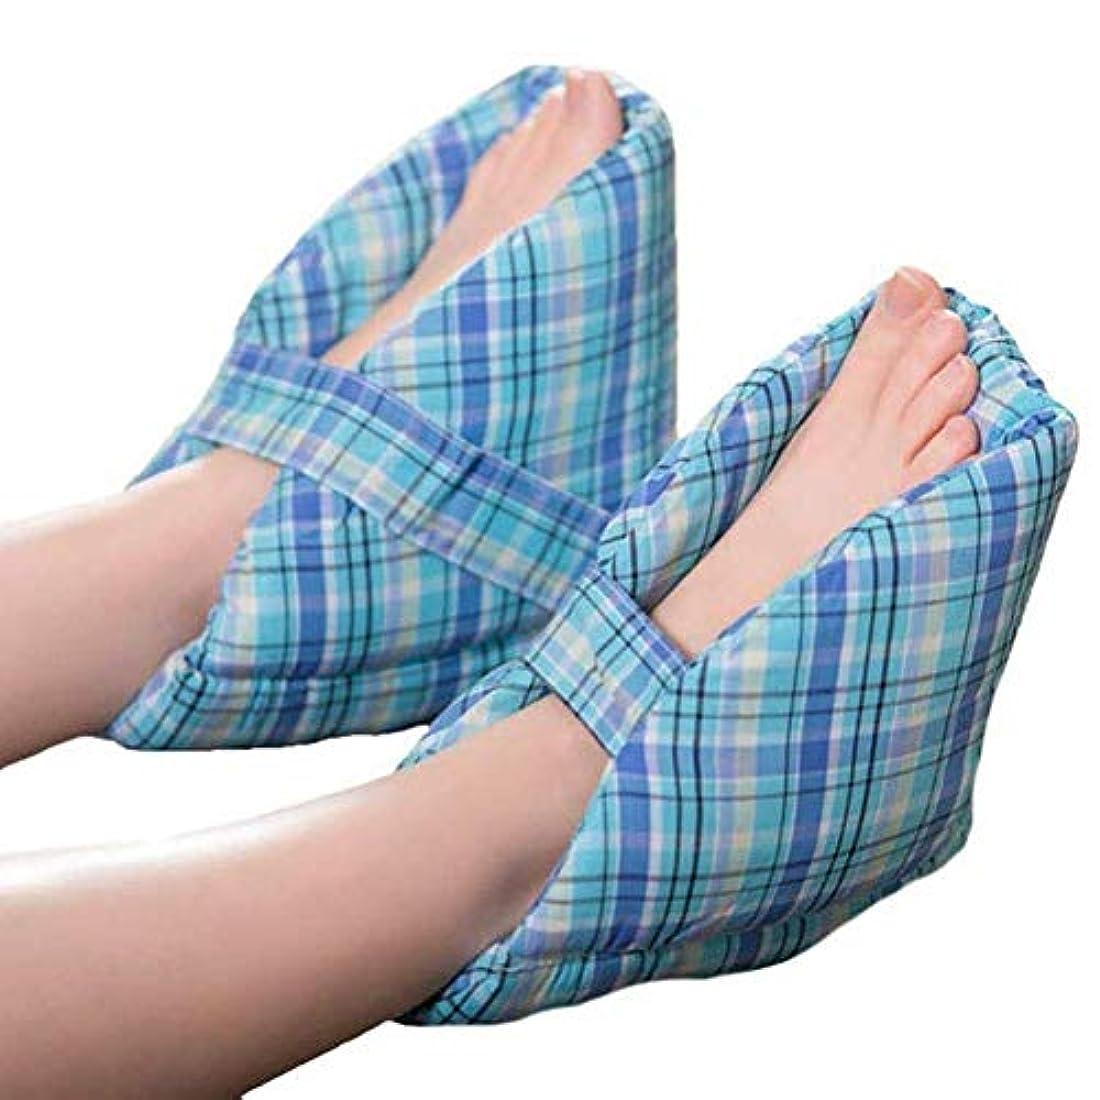 余暇疑い者アンテナかかとプロテクター柔らかく快適な履き心地により、足の枕、かかとのクッション、かかとの保護、1ペアが見つかります